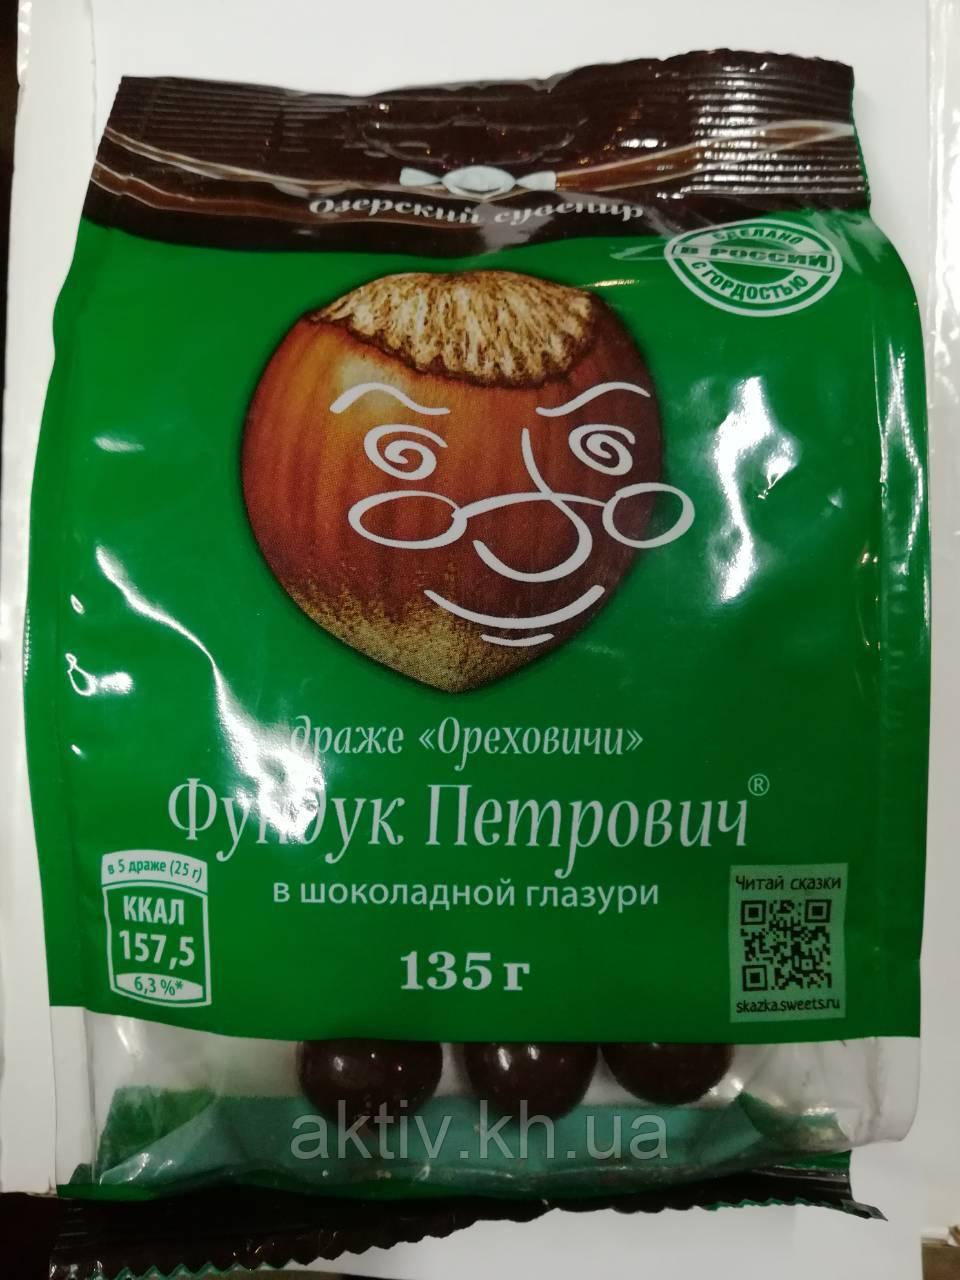 Конфеты Фундук Петрович 135 гр